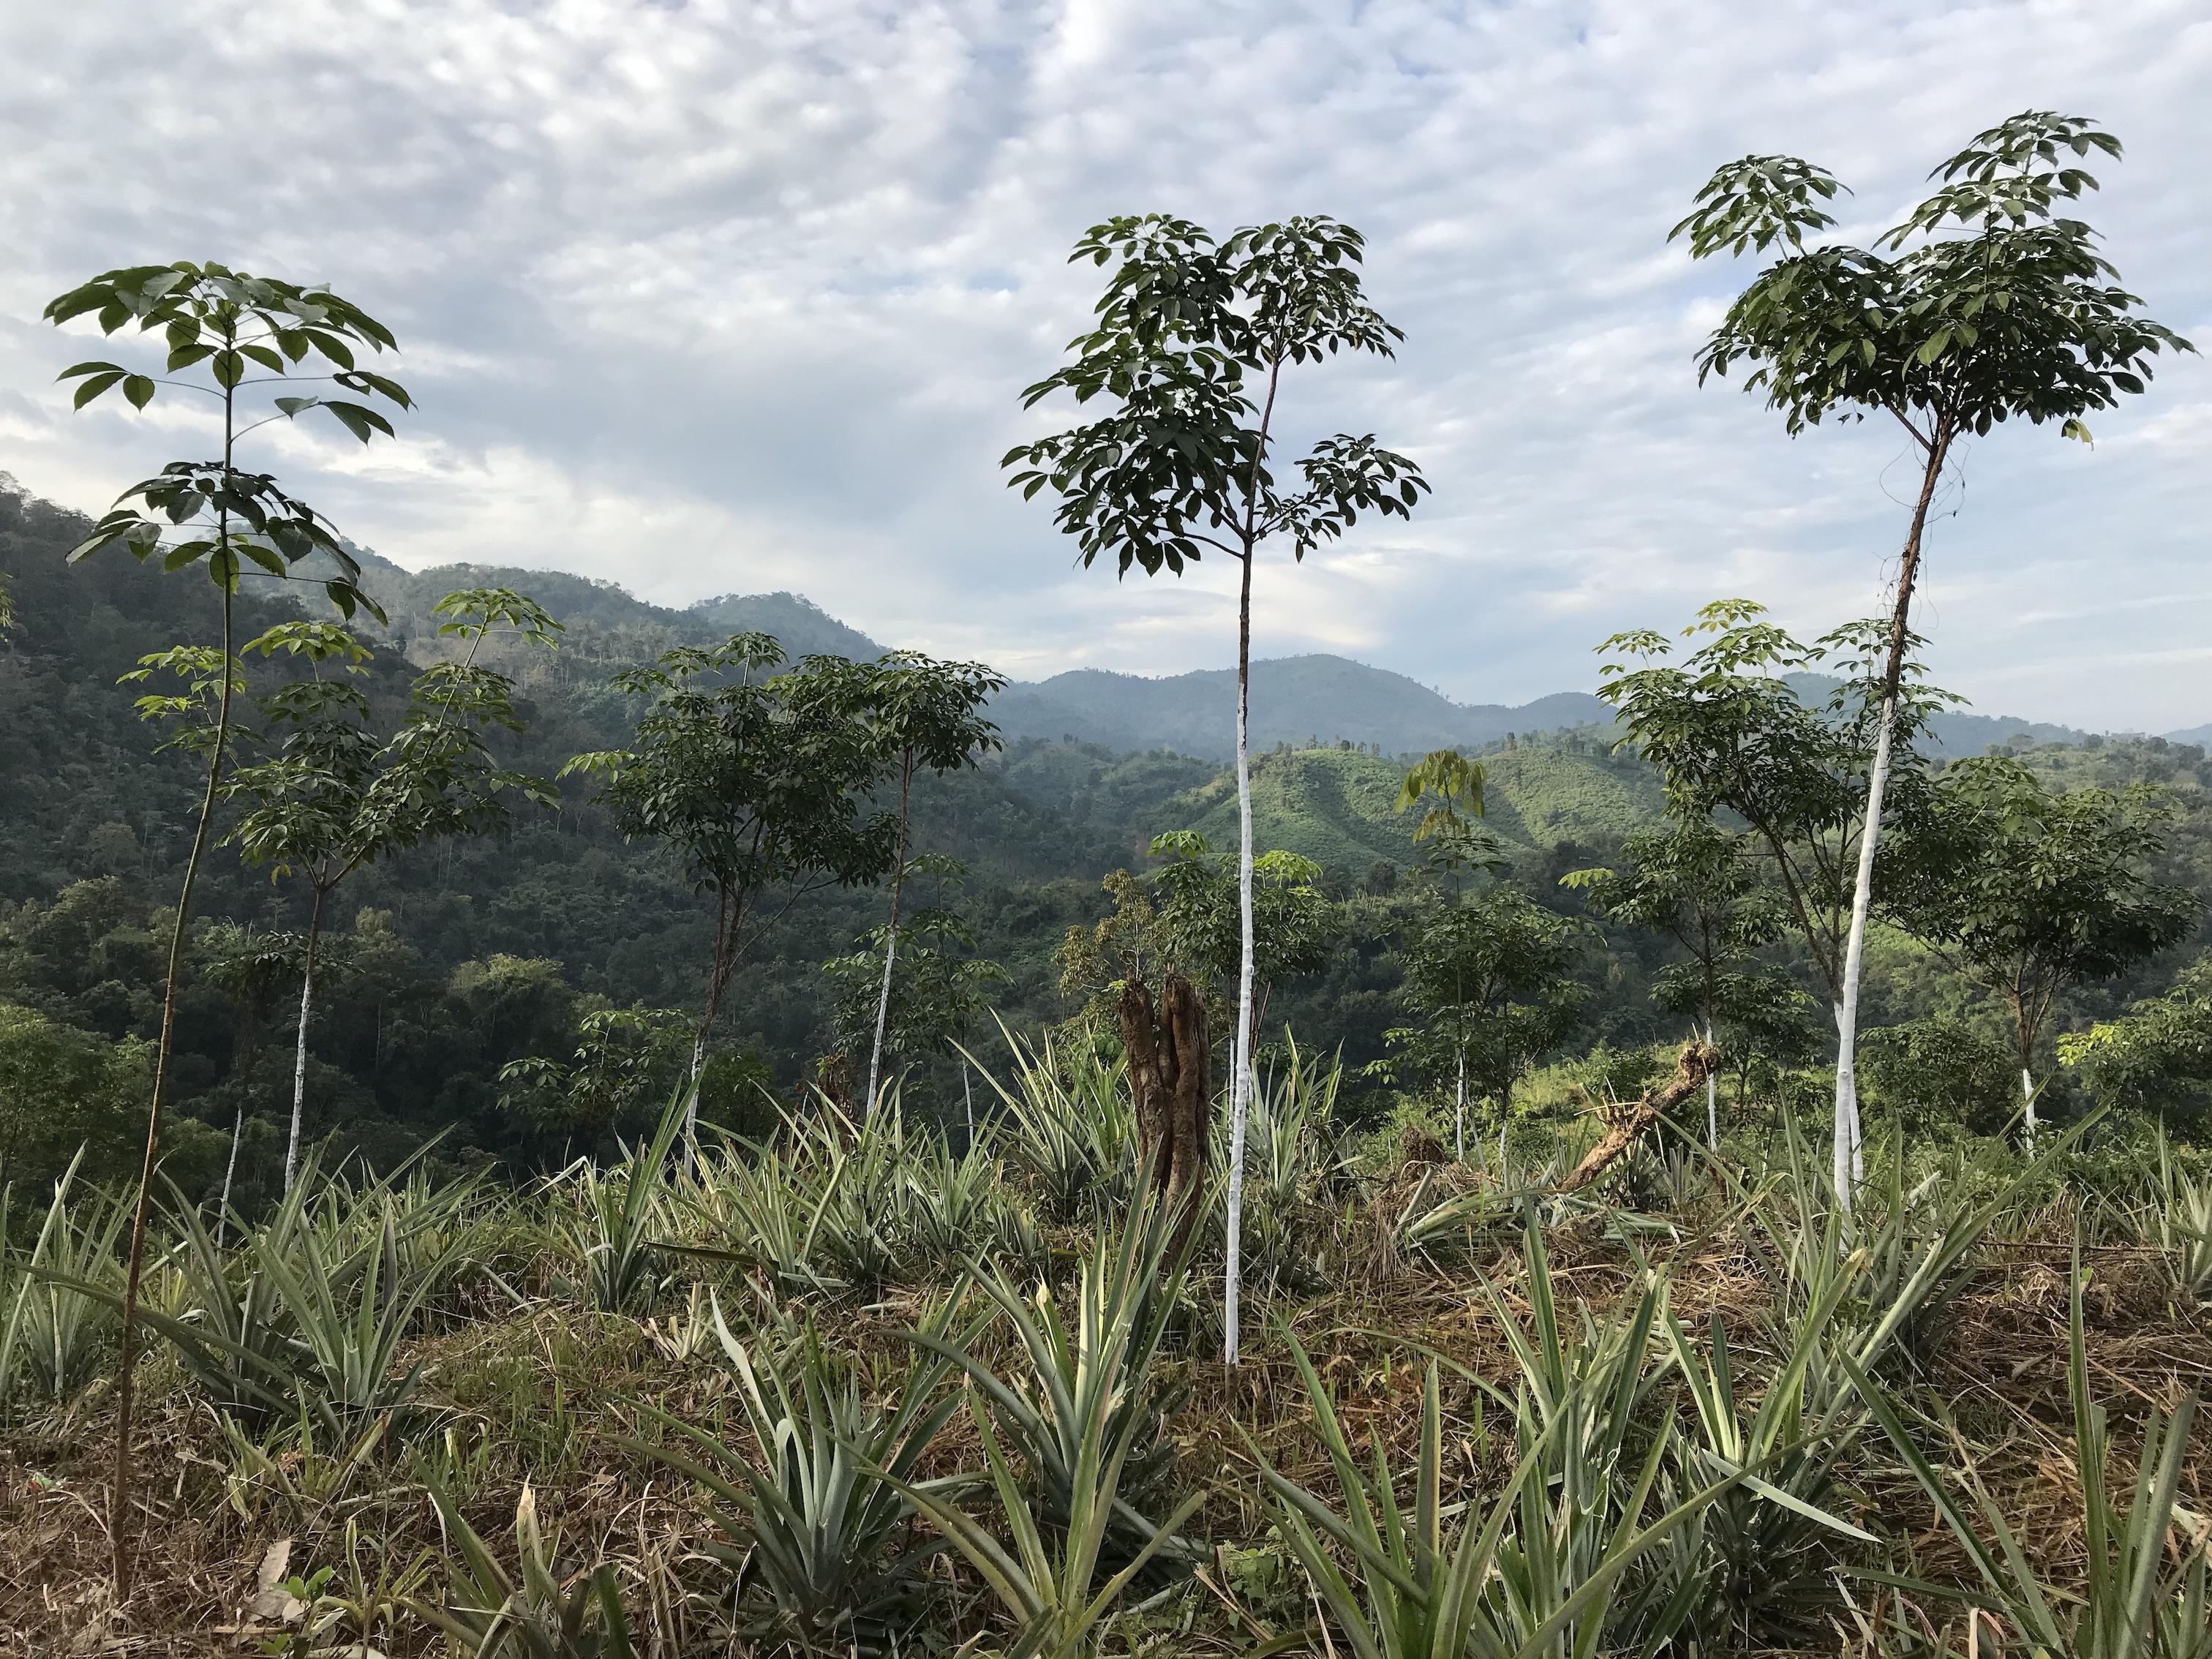 Trees in Meghalaya, India